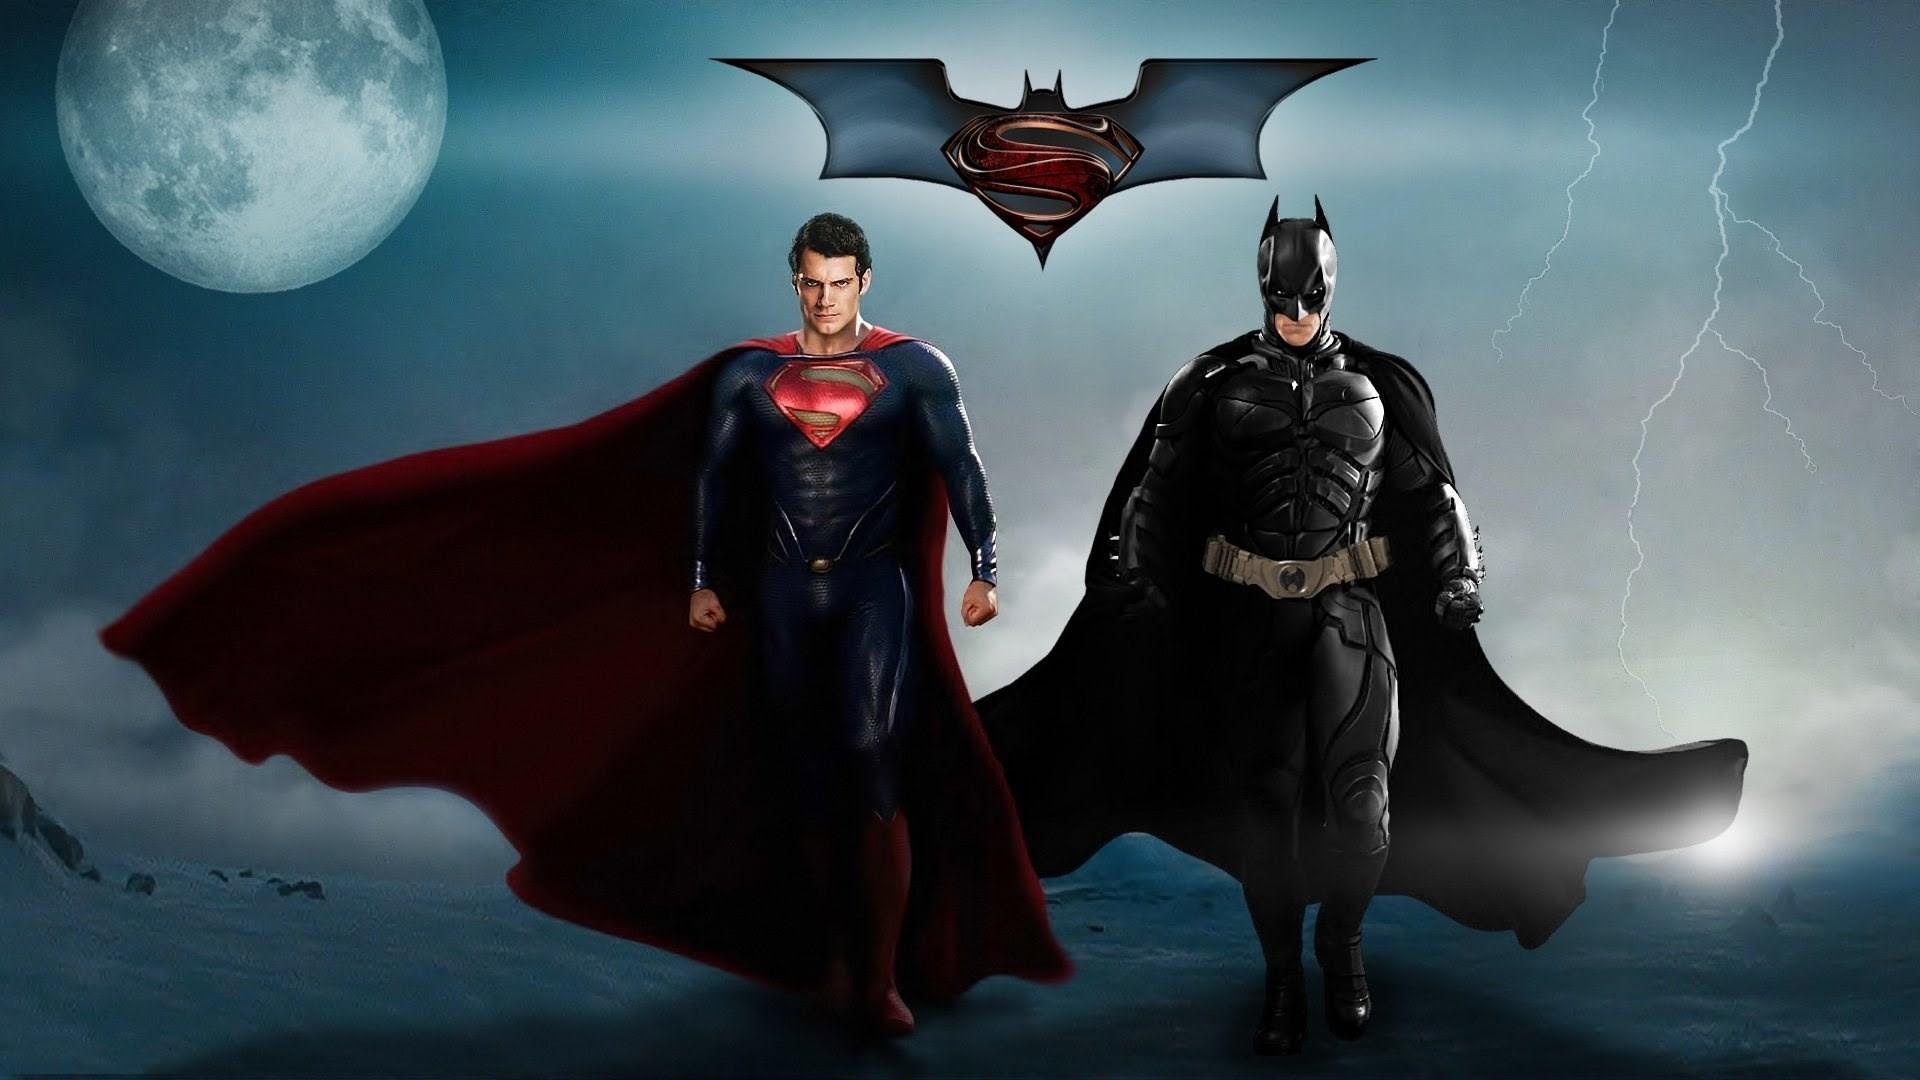 Superman And Batman Wallpaper 77 Images